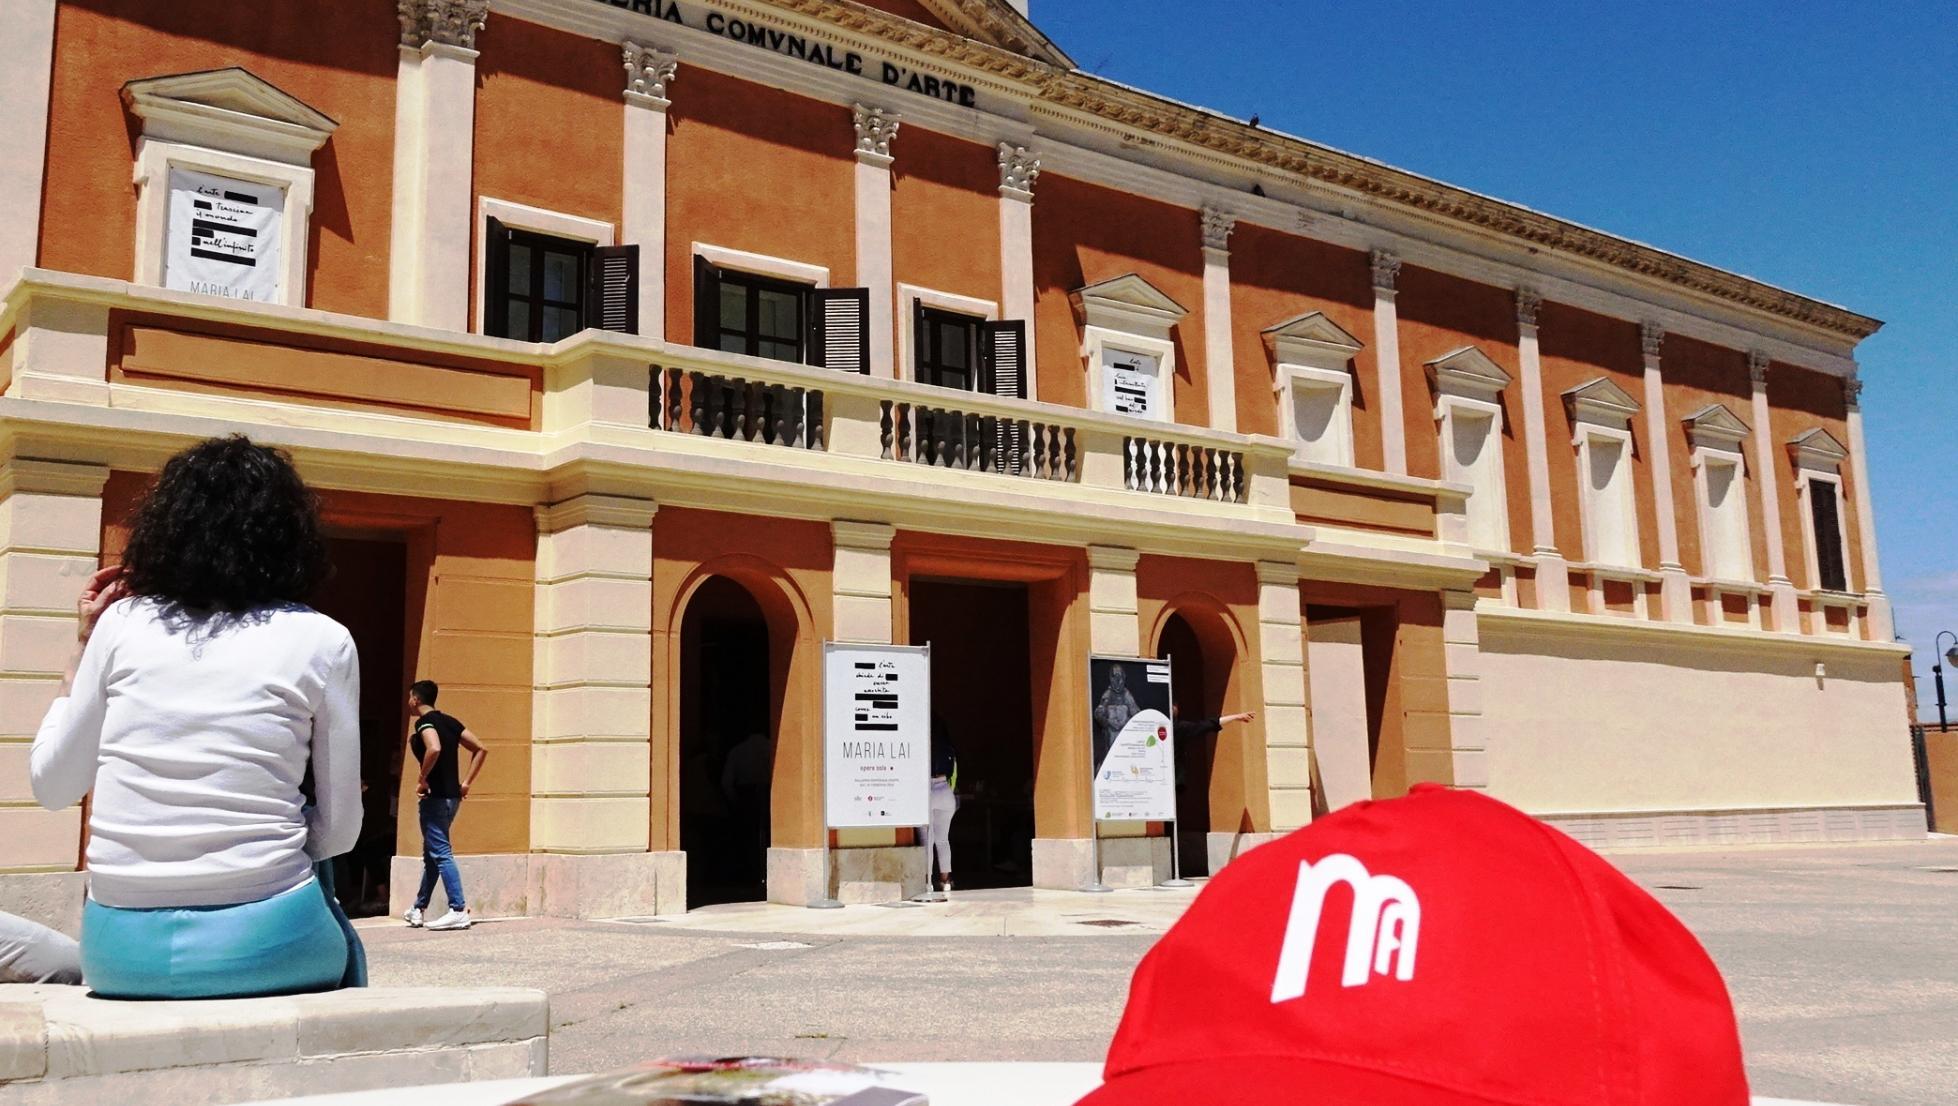 monumenti aperti 2019-Cagliari